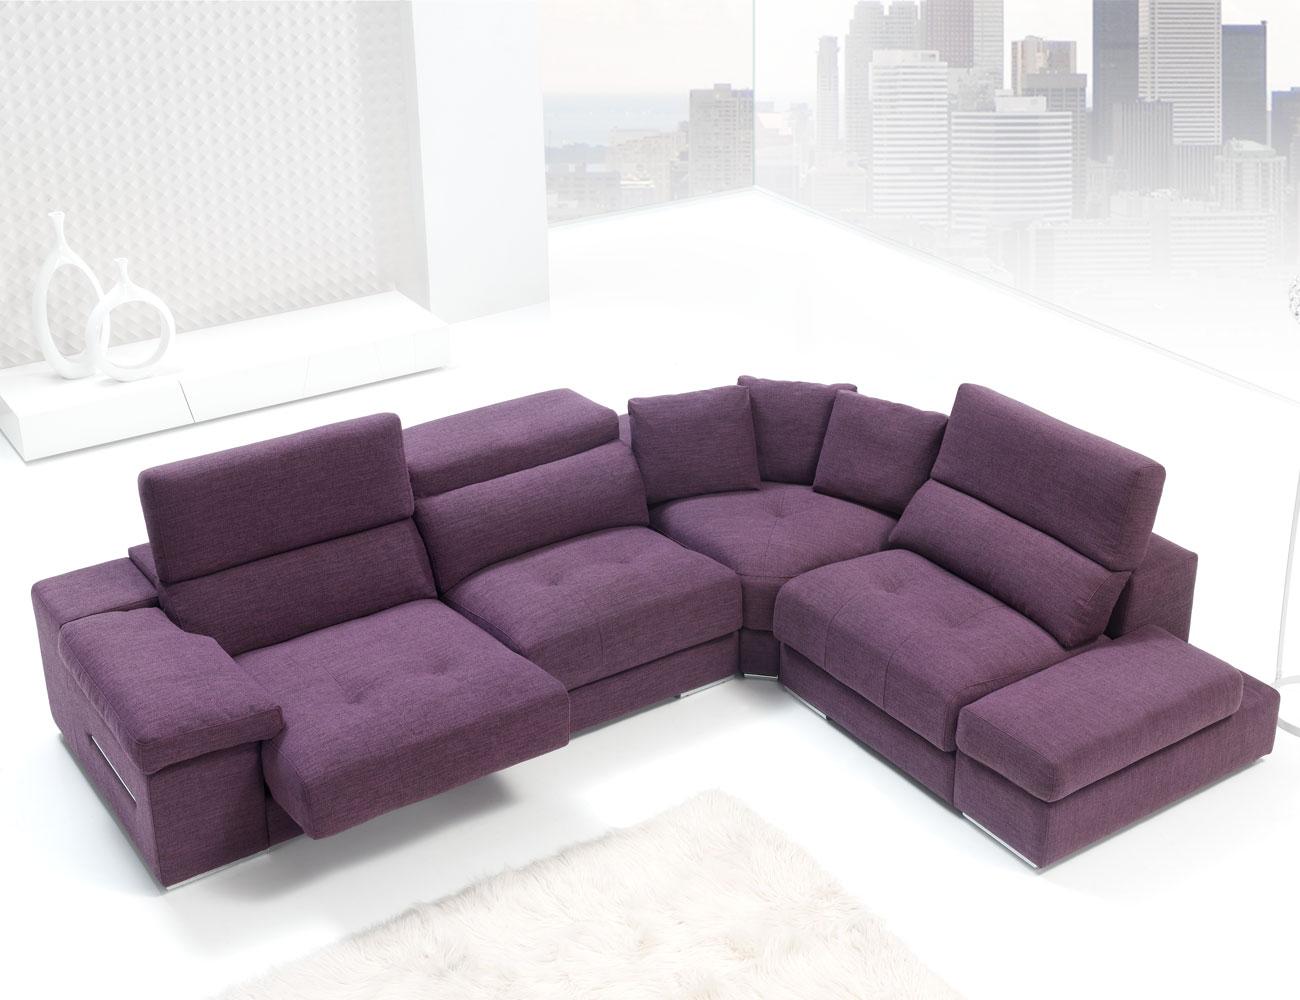 Sofa chaiselongue rincon con brazo mecanico tejido anti manchas 214